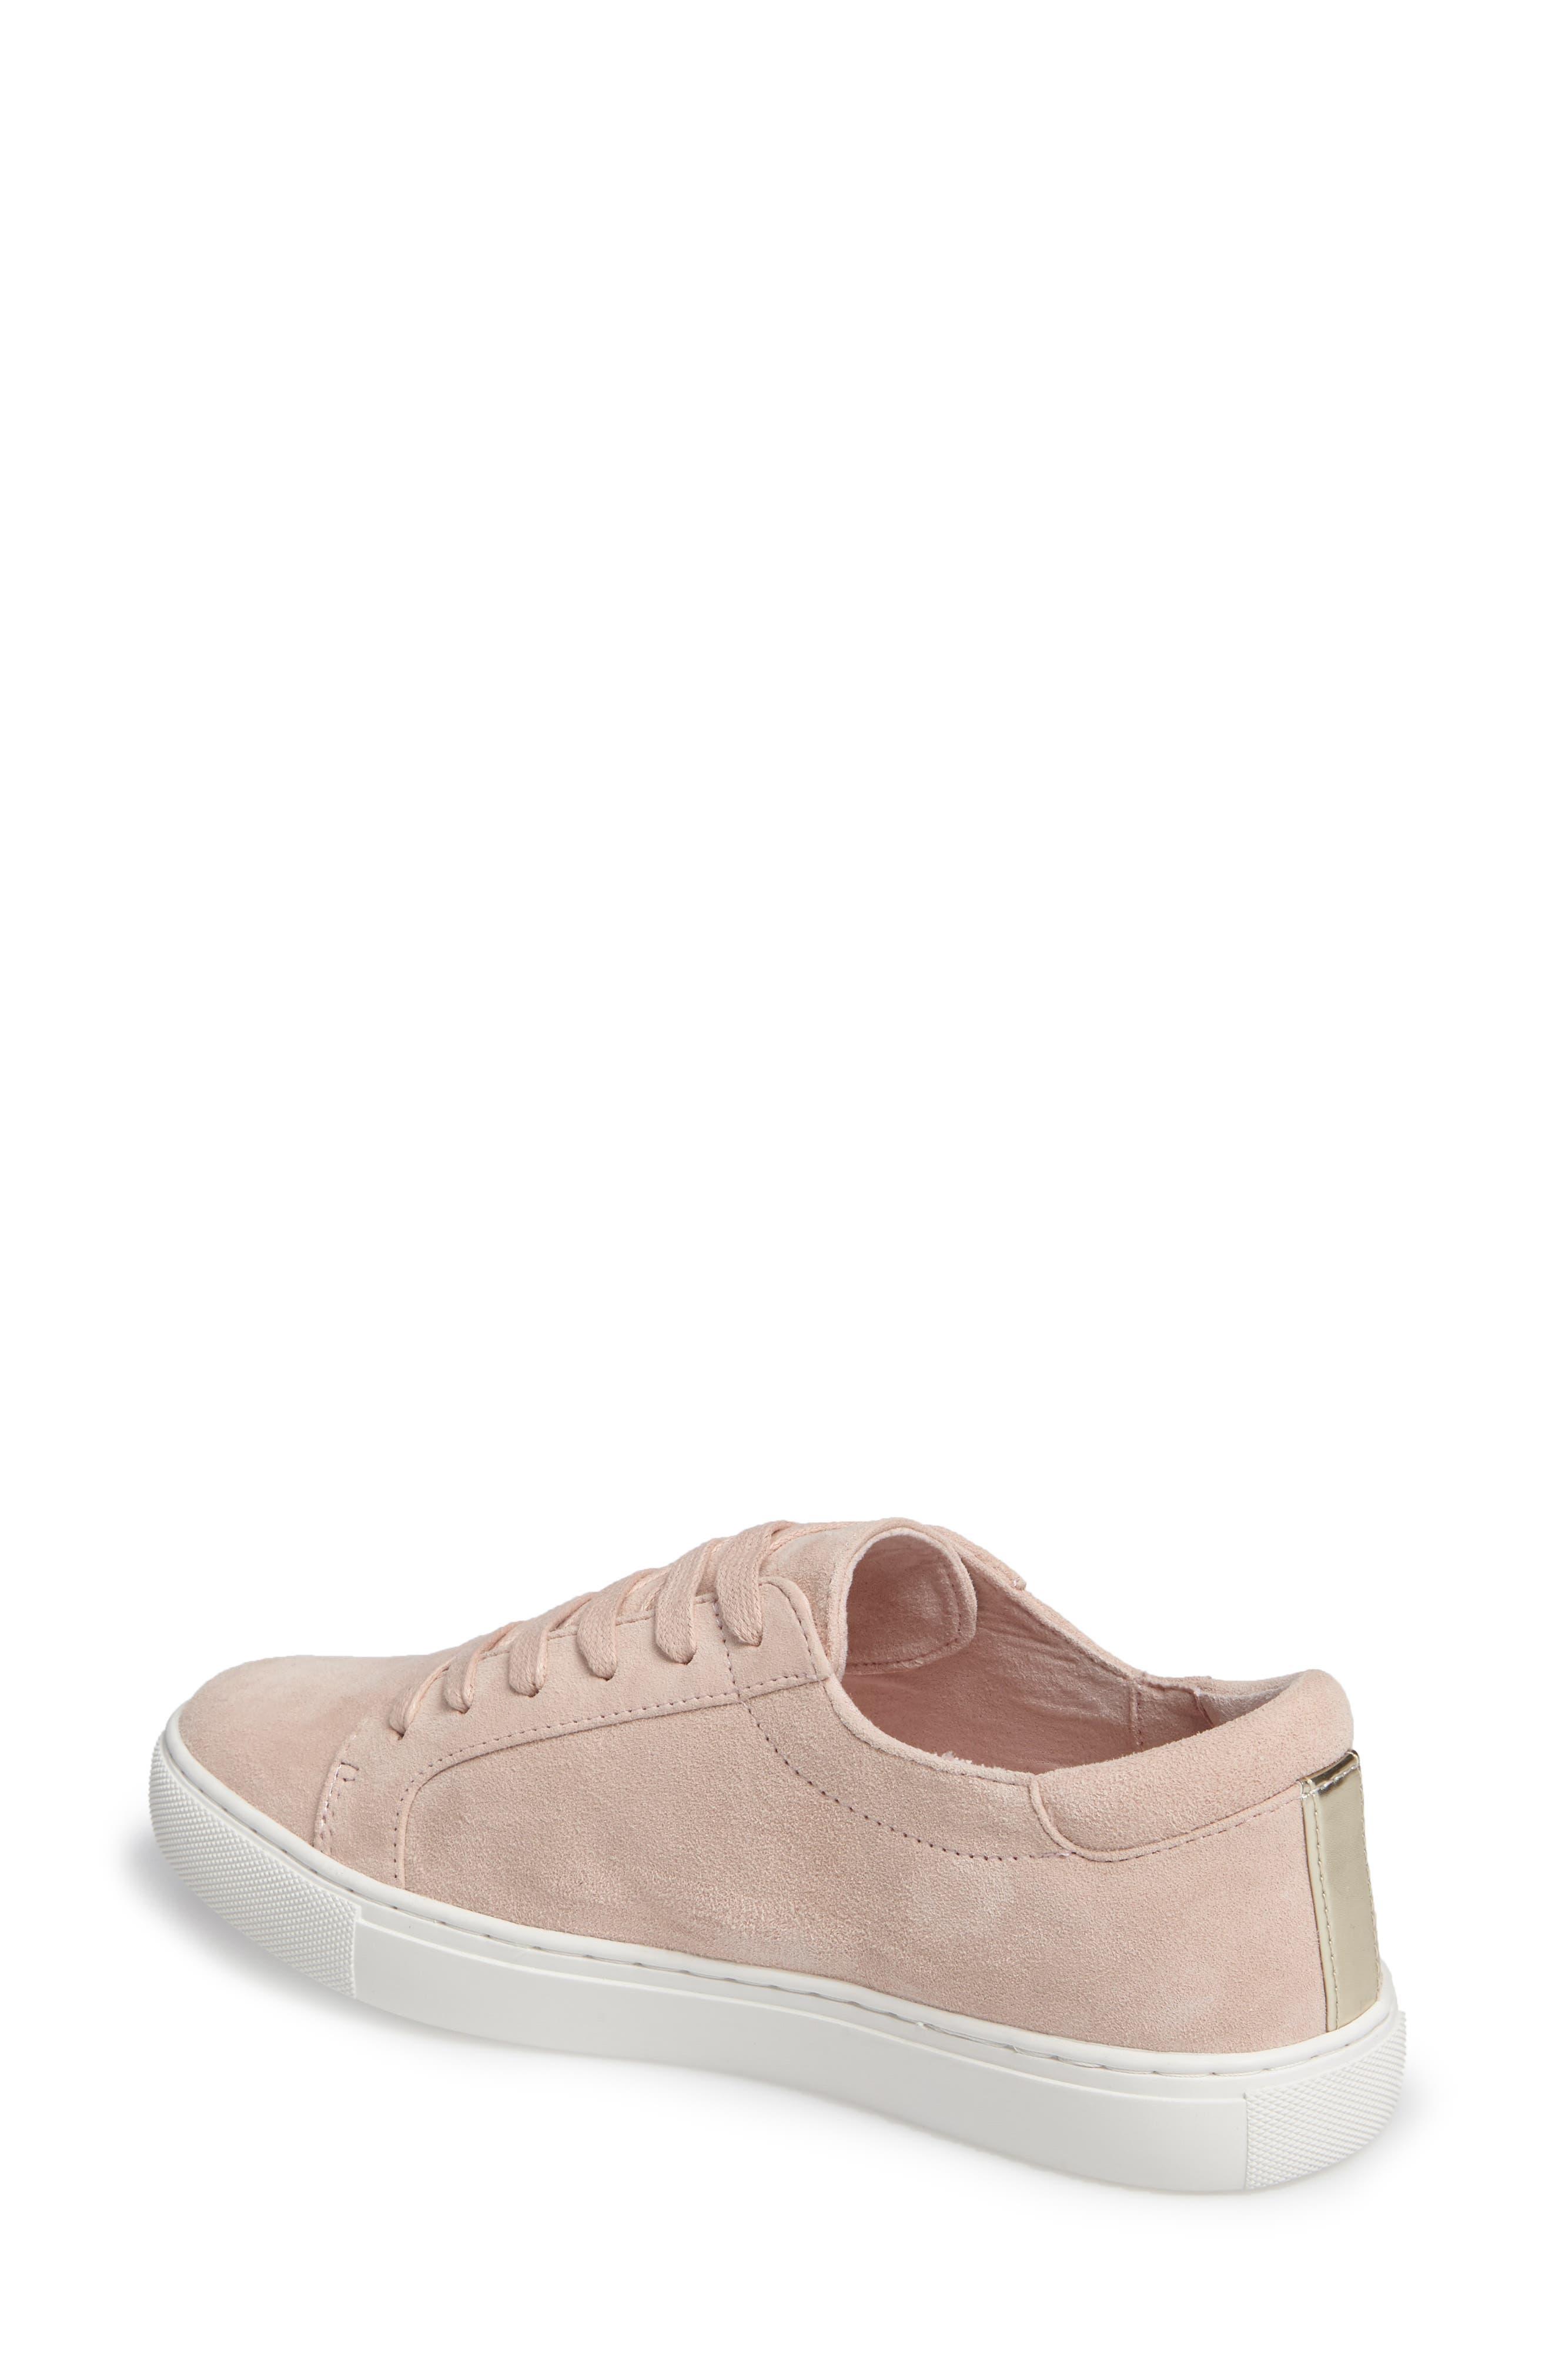 'Kam' Sneaker,                             Alternate thumbnail 135, color,